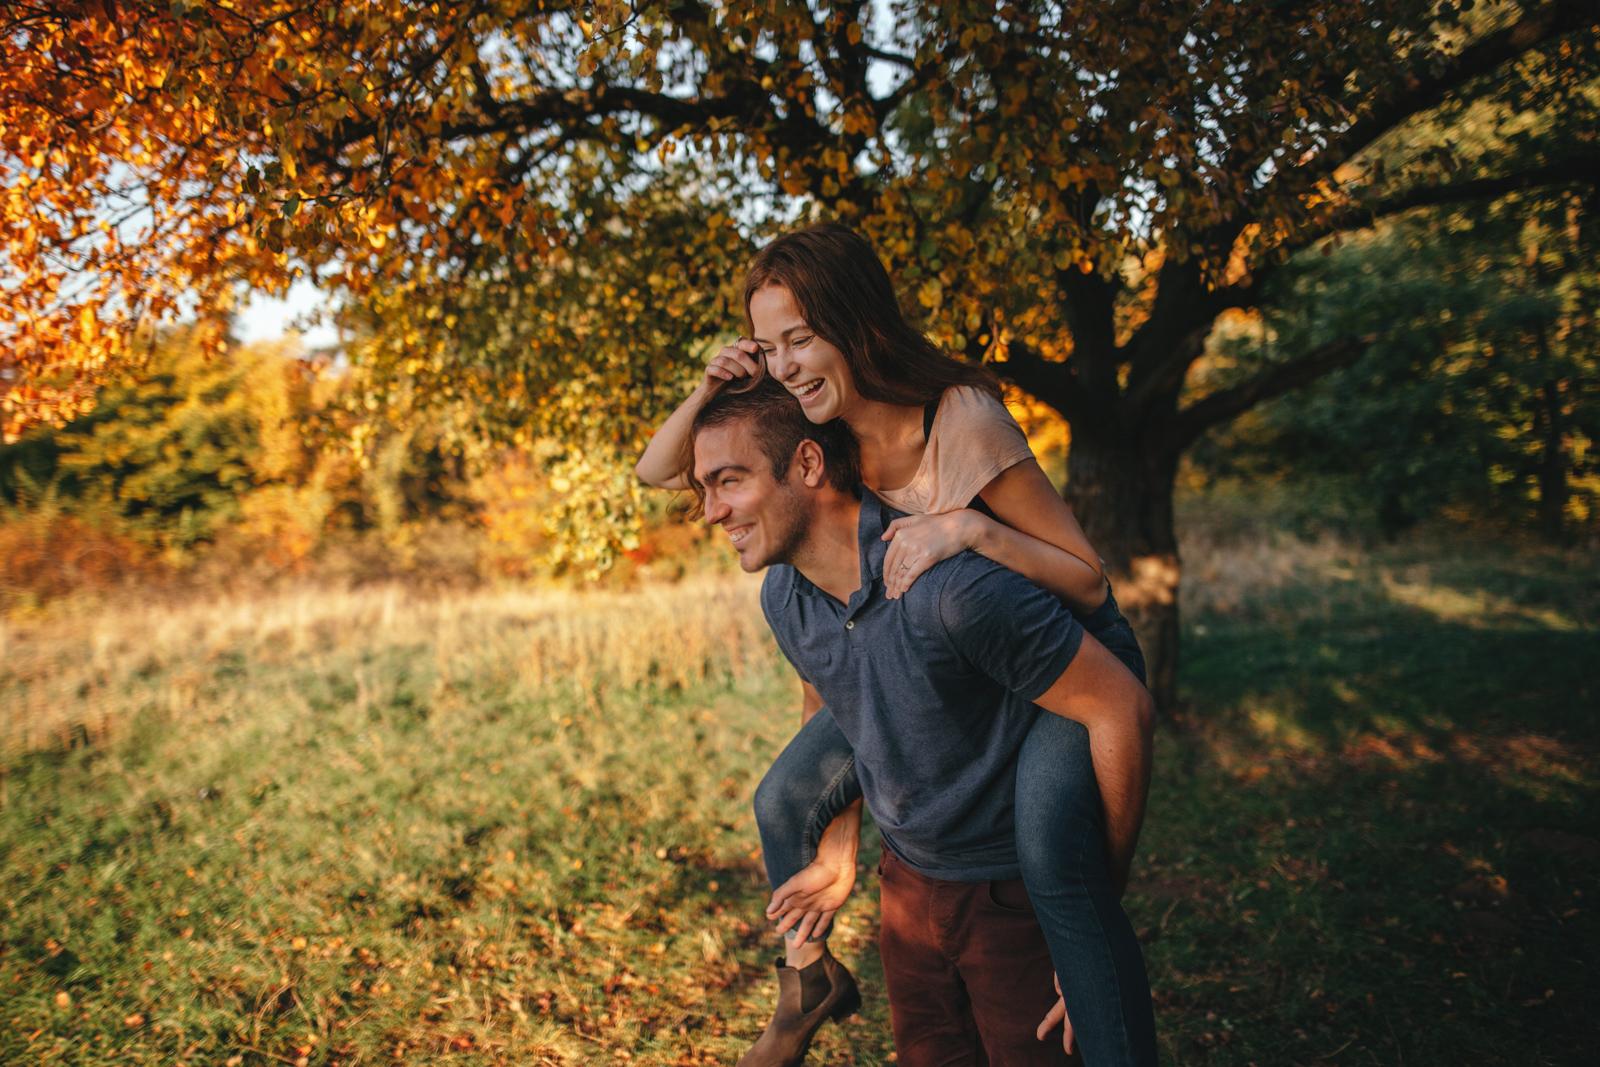 Páros & Jegyes fotózás - Fotózás pároknak, jegyeseknek és házaspároknak, akik szeretnének gyerek-üzemmódba kapcsolni és eltölteni együtt egy vidám délutánt.